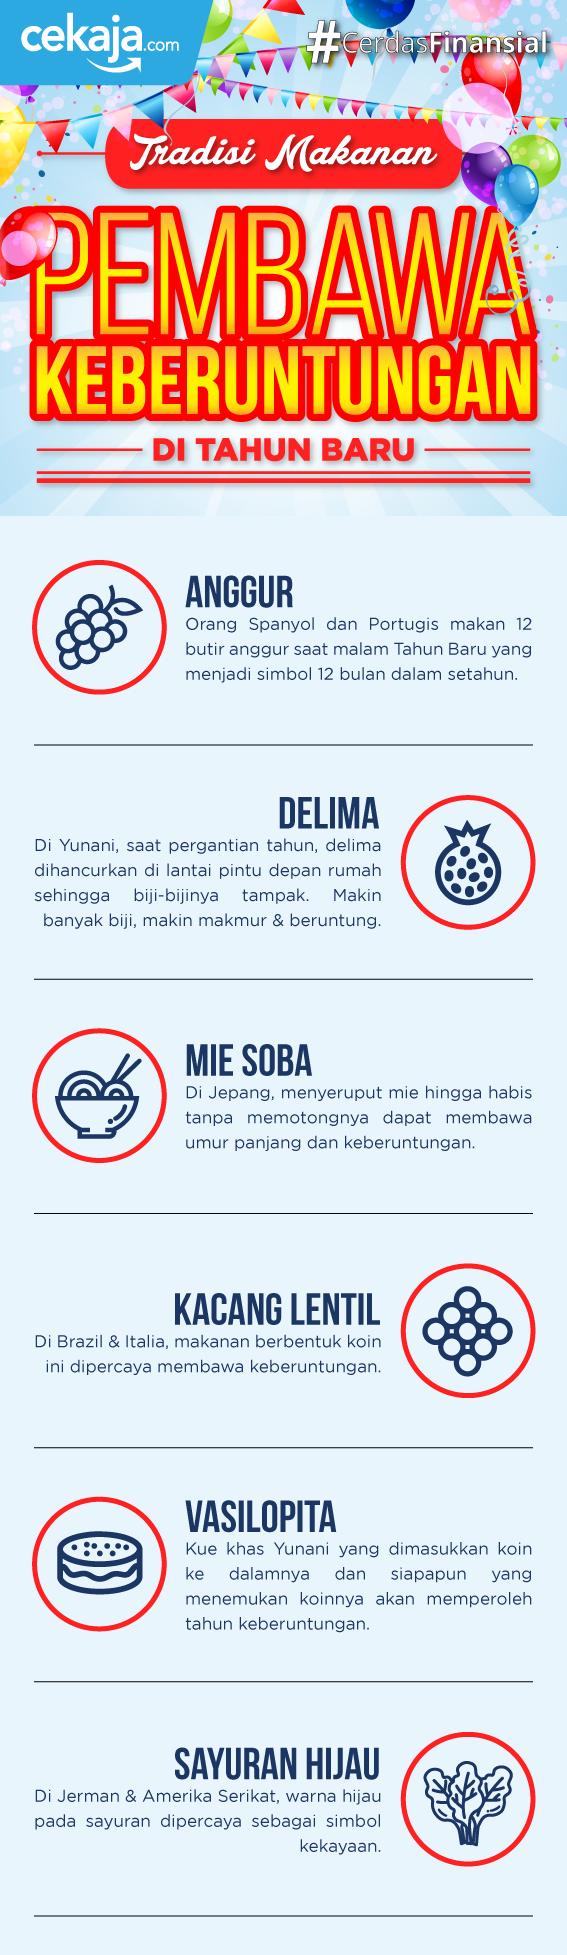 infografis_makanan pembawa keberuntungan - CekAja.com